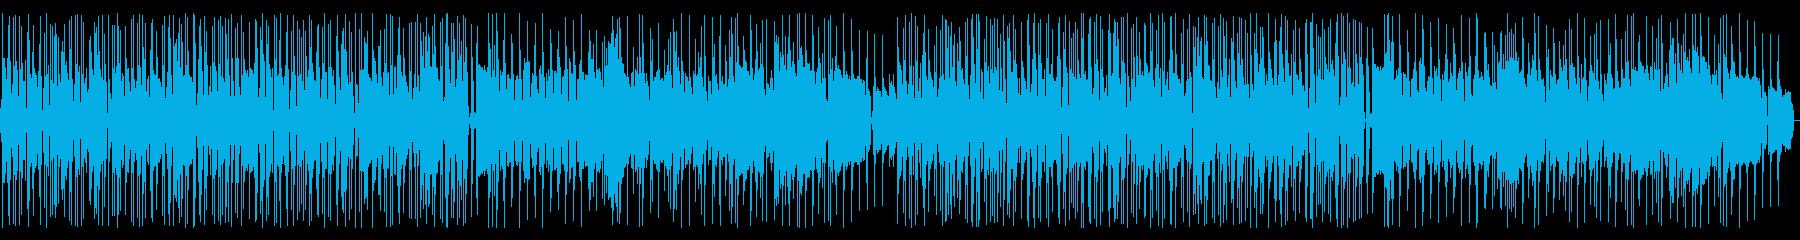 【ギター抜き】ロック✕和風 疾走感の再生済みの波形